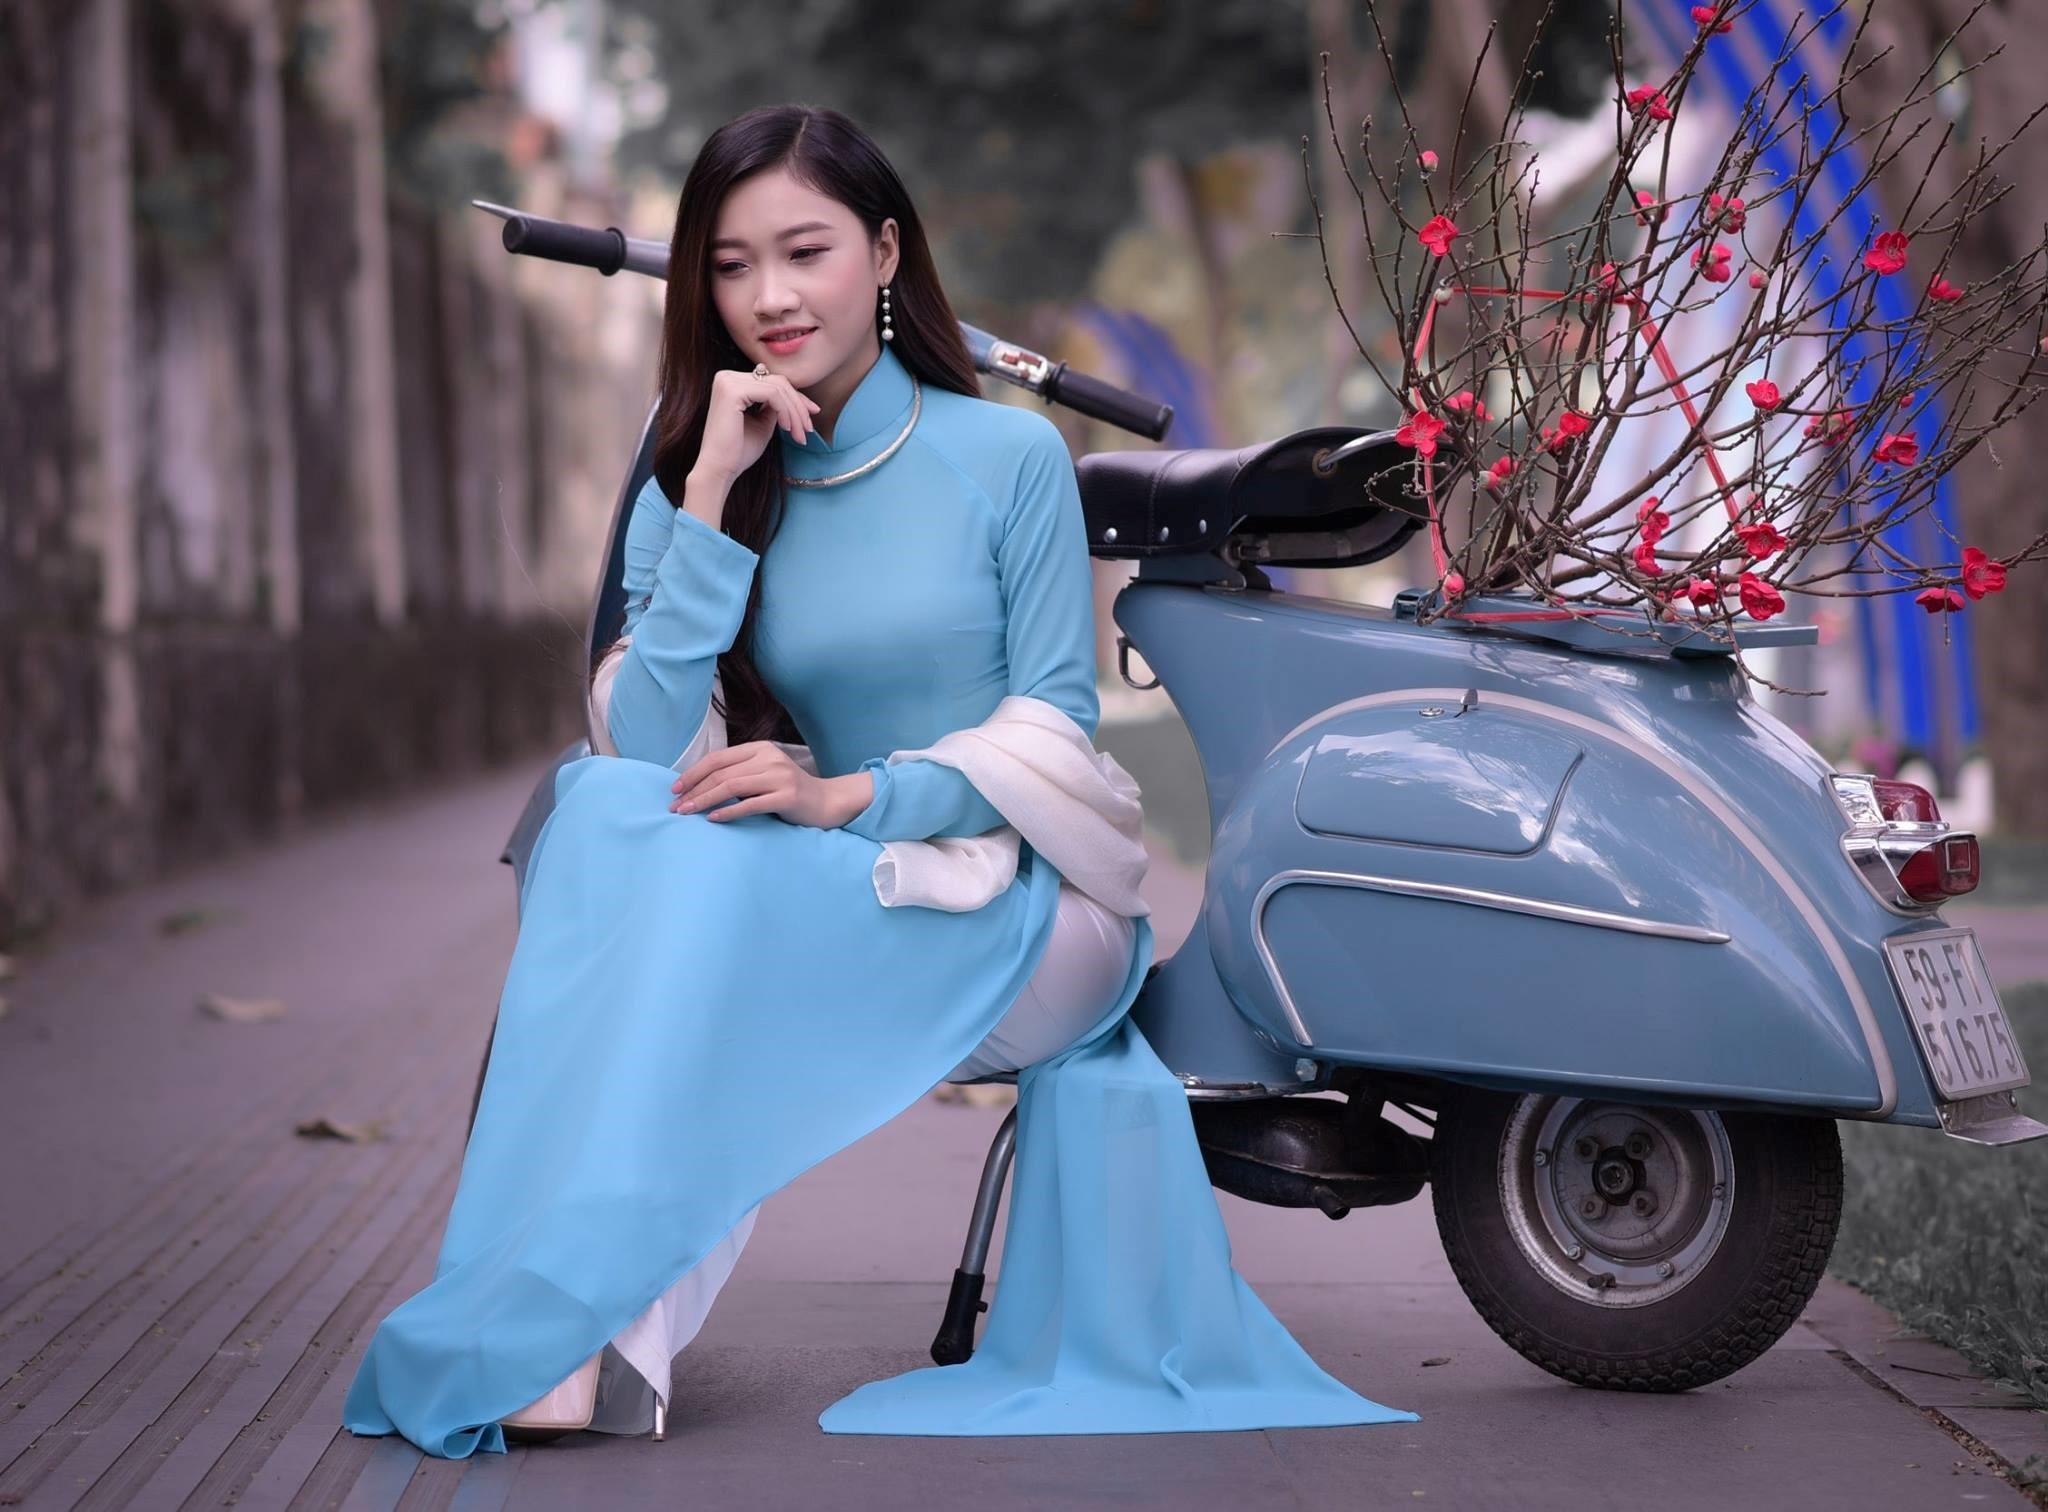 áo xanh da trời phù hợp chụp ảnh tết với hoa